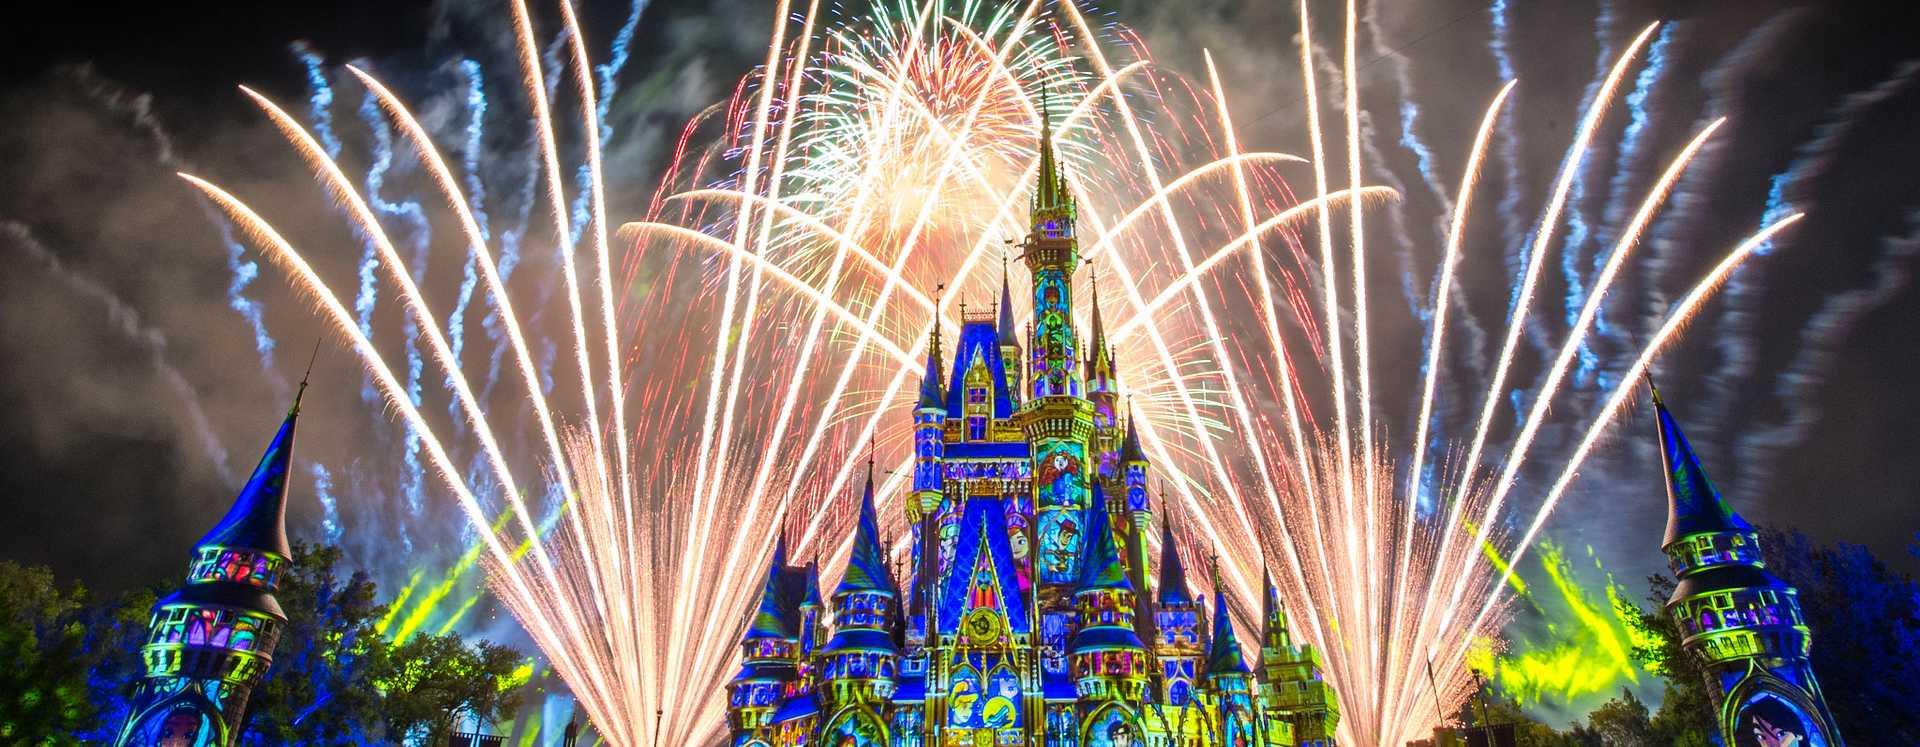 Fireworks in the Magic Kingdom at Walt Disney World Resort